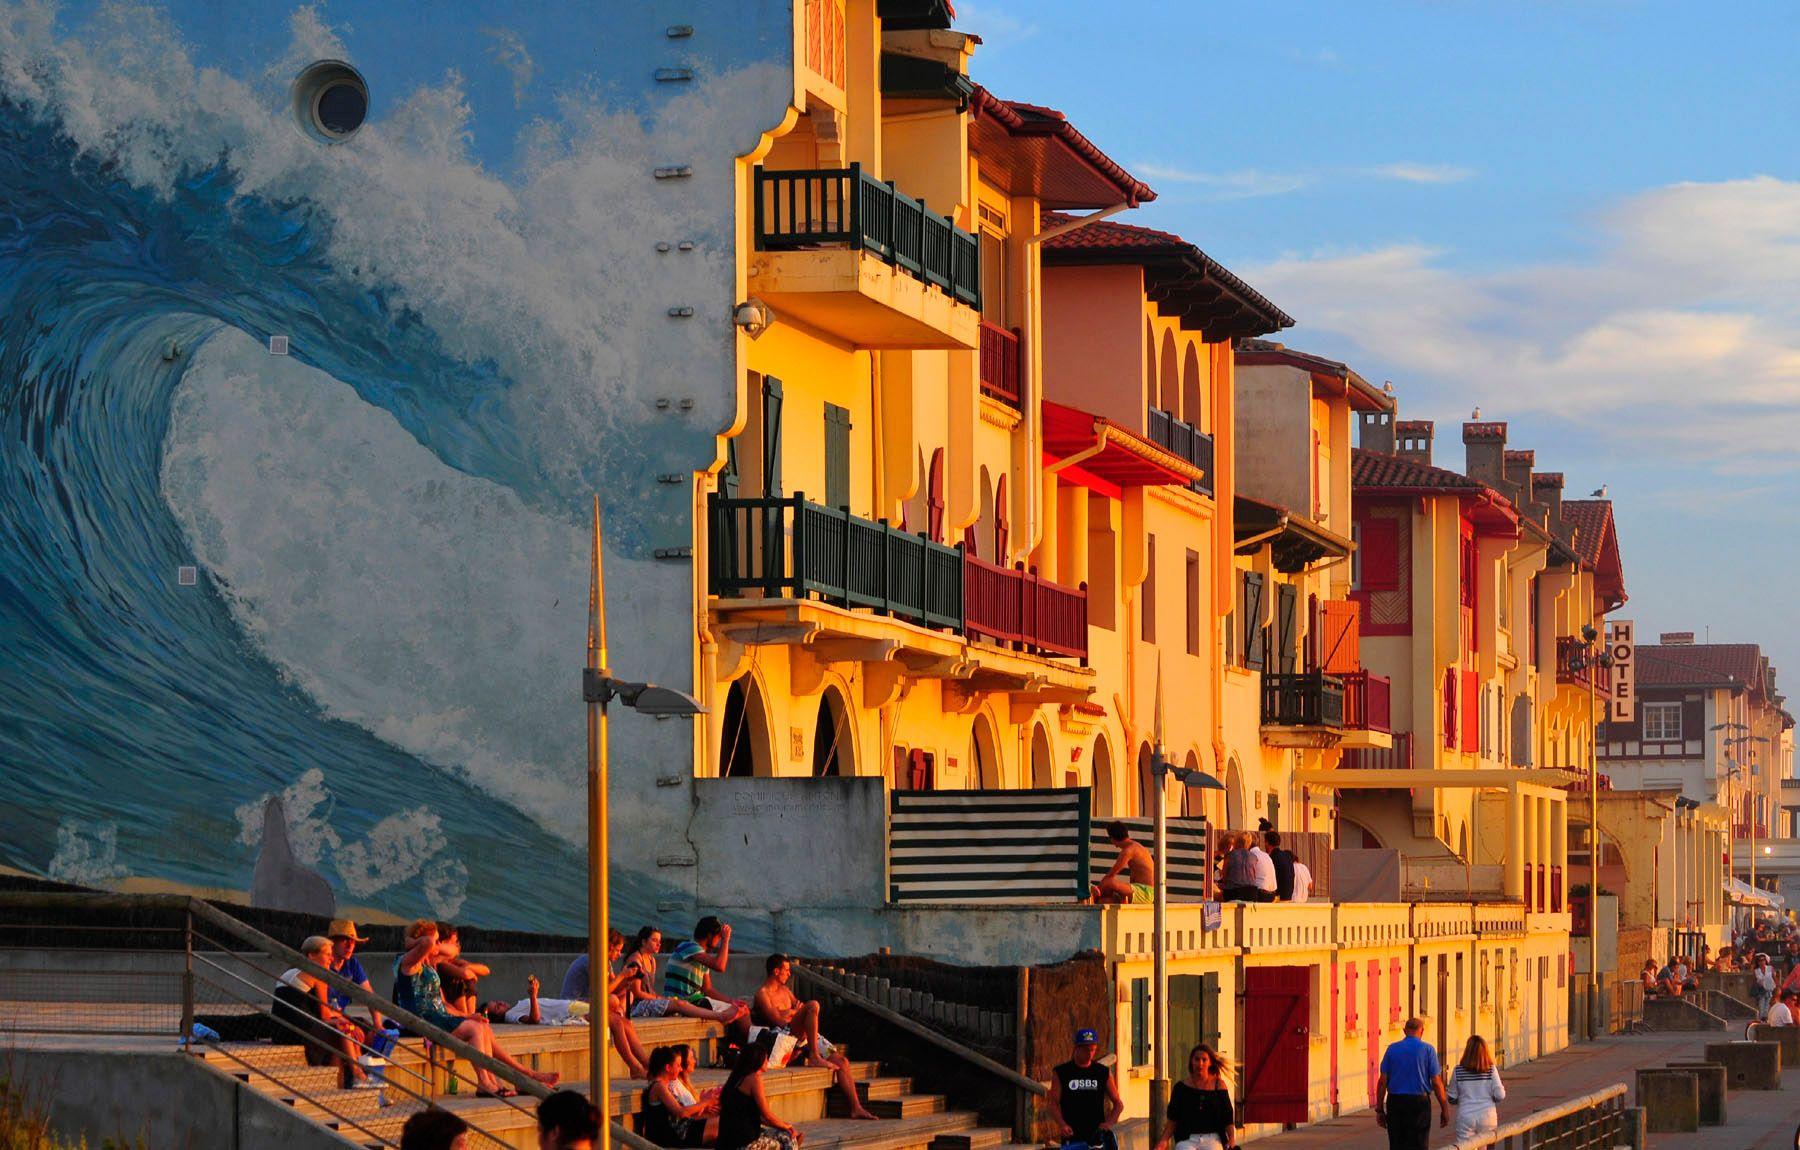 Hossegor favorite places spaces pinterest hossegor landes et les landes - Office du tourisme hossegor ...